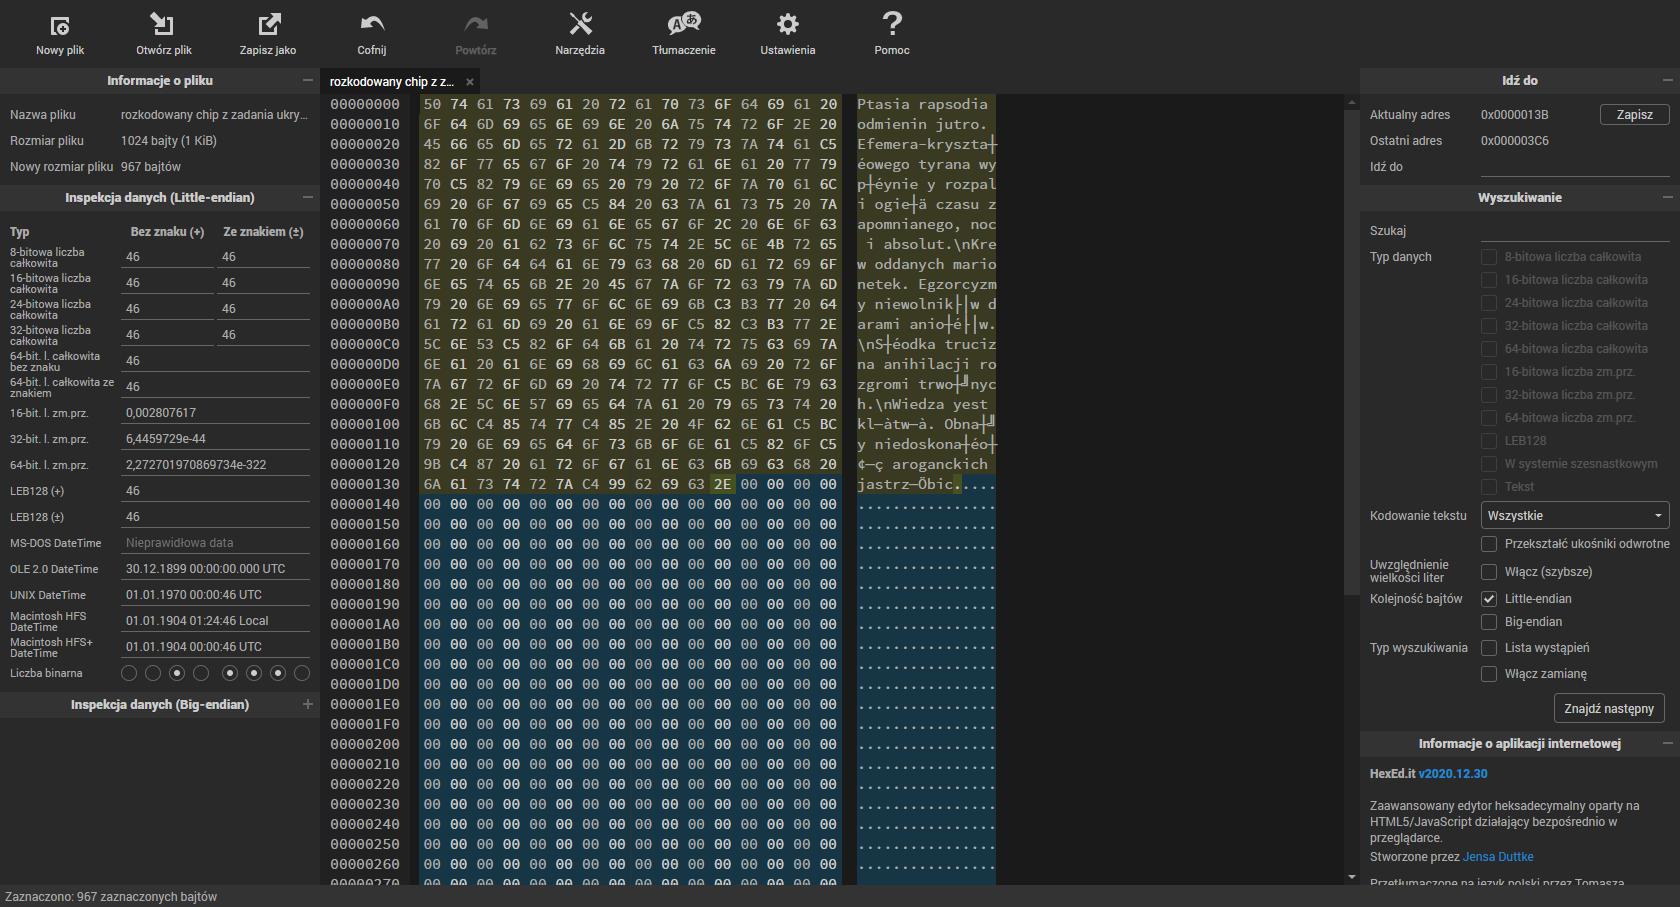 Kod z drzazgi z zadania Ukryta prawda - widok kodu w hexed.it.png